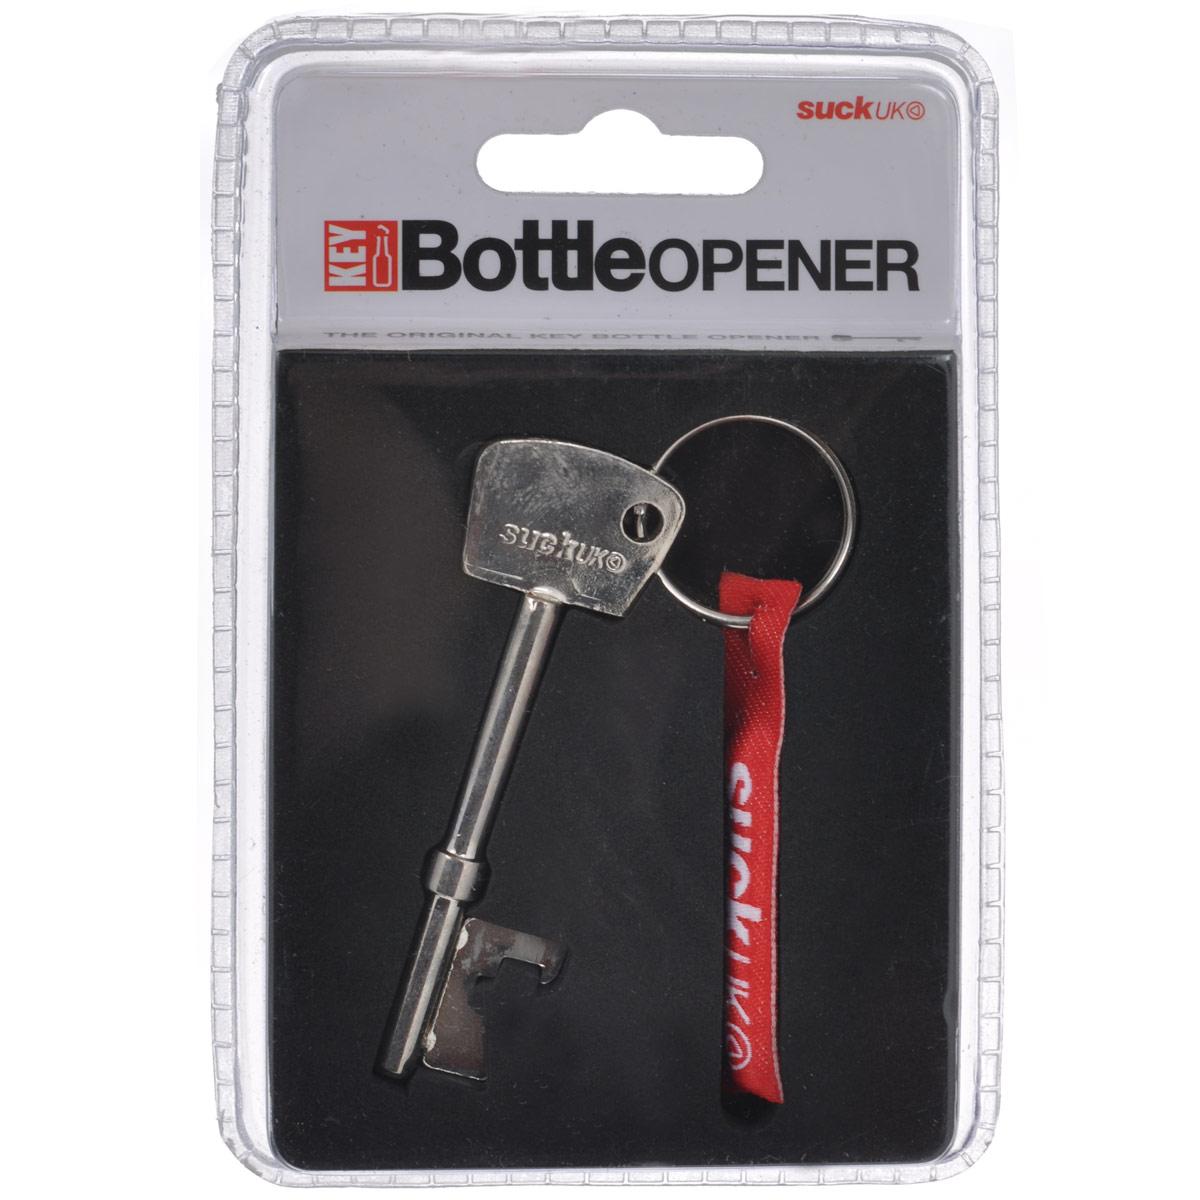 Открывалка для бутылок КлючикSK KEY01Открывалка Ключик выполнена из металла и снабжена кольцом для подвешивания. С виду обыкновенный ключ от двери выполняет функцию открывателя бутылок.Дополните вашу связку ключей этой оригинальной открывалкой, и вы никогда не забудете взять ее с собой! Характеристики: Материал: нержавеющая сталь. Размер открывалки: 2,5 см х 7,3 см х 0,6 см. Цвет: металлик.Размер упаковки: 9 см х 13,5 см х 1,5 см. Артикул: SK KEY01.